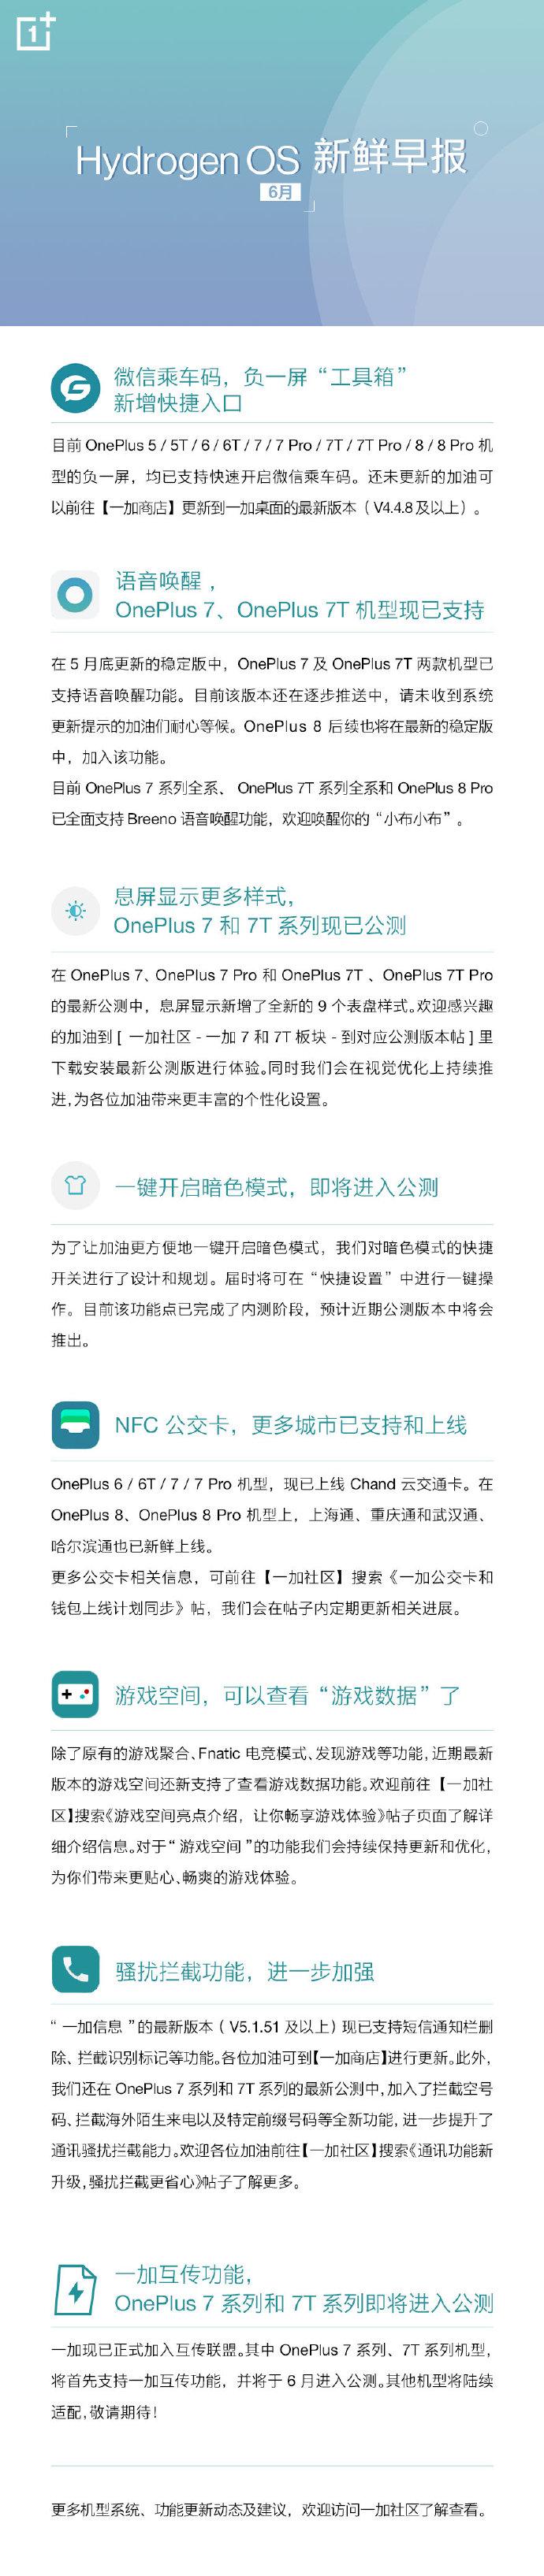 一加手机发布6 月Hydrogen OS(氢OS)新鲜早报-玩懂手机网 - 玩懂手机第一手的手机资讯网(www.wdshouji.com)